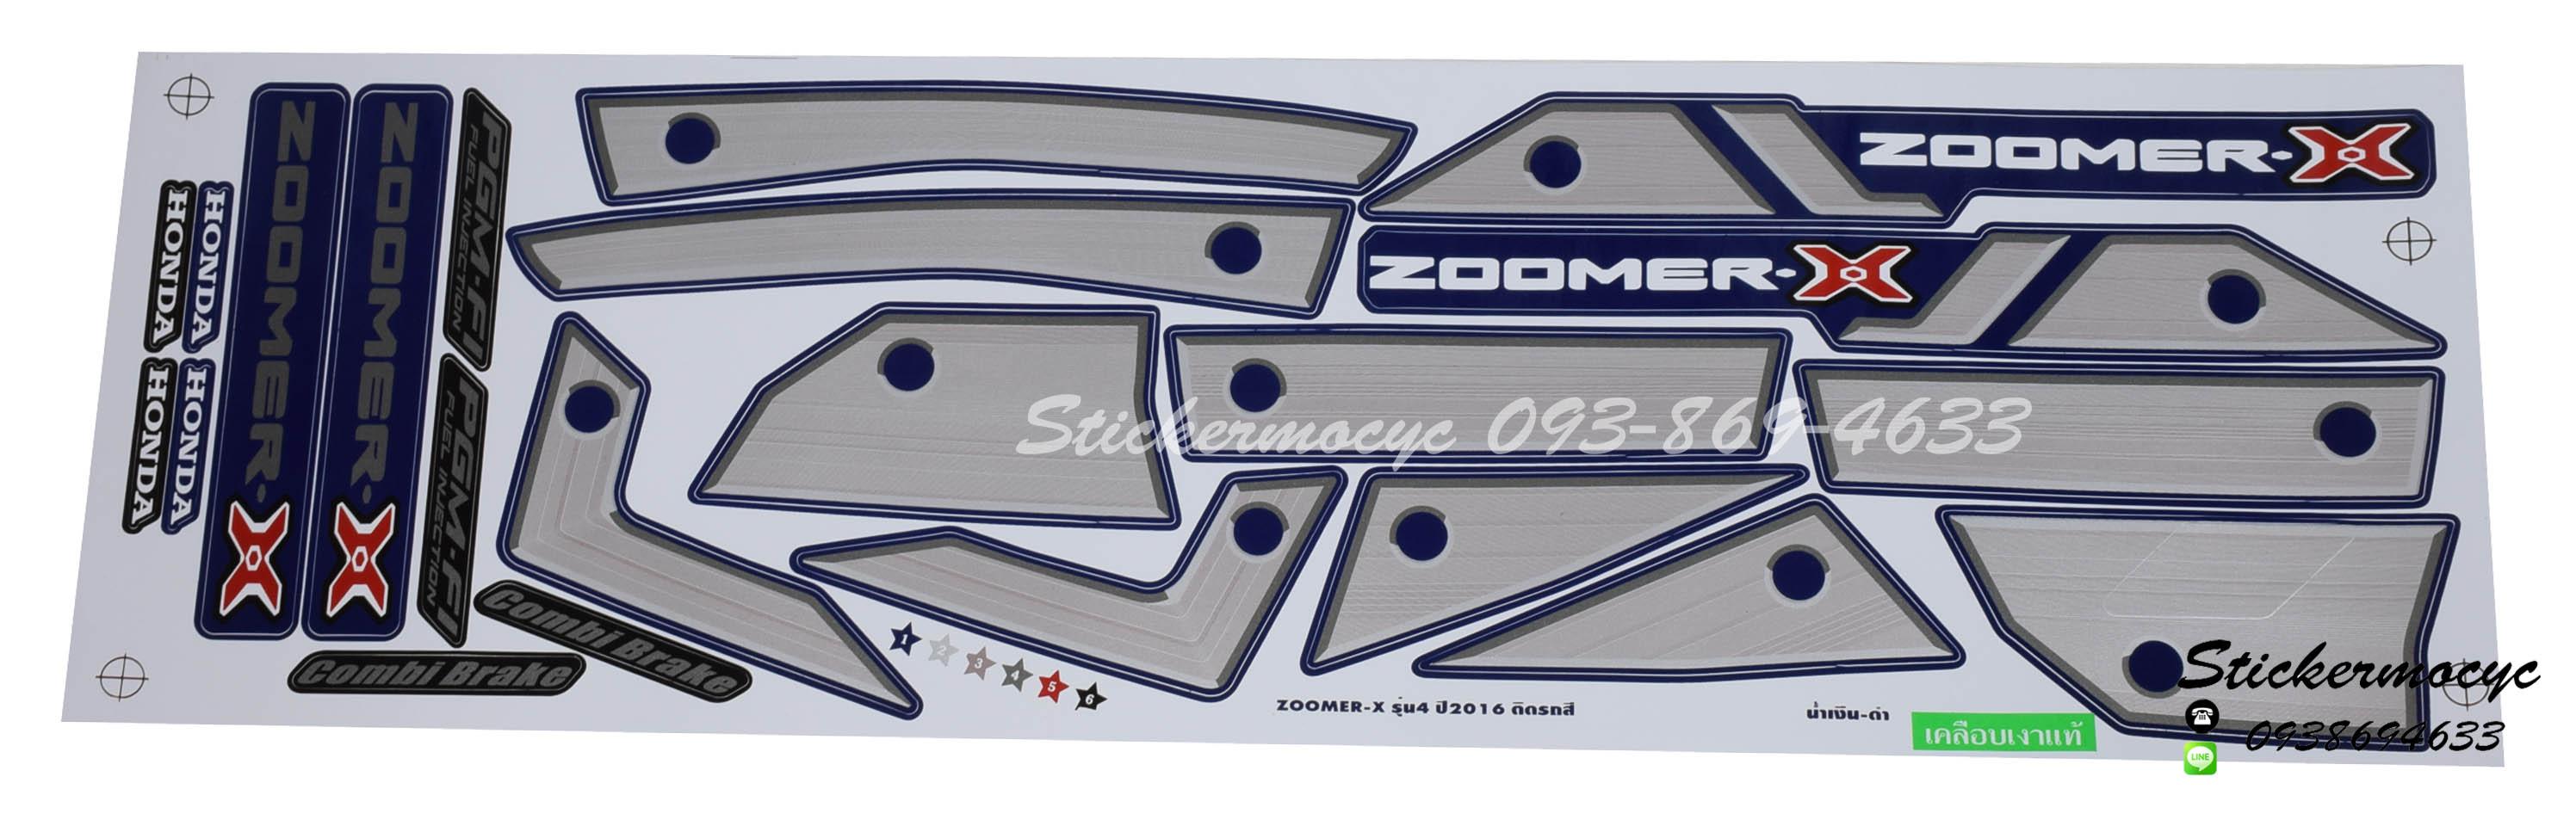 สติ๊กเกอร์ติดรถ มอเตอร์ไซค์ ฮอนด้า ซูเมอร์ X Sticker Honda Zoomer X แต่ง ปี 2016 รุ่น 4 ติดรถ สีนํ้าเงิน ดํา (เคลือบเงา)